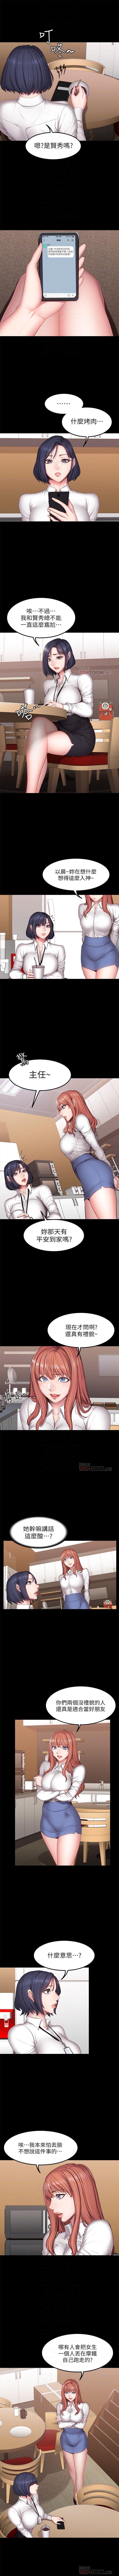 健身教練 1-56 官方中文(連載中) 184